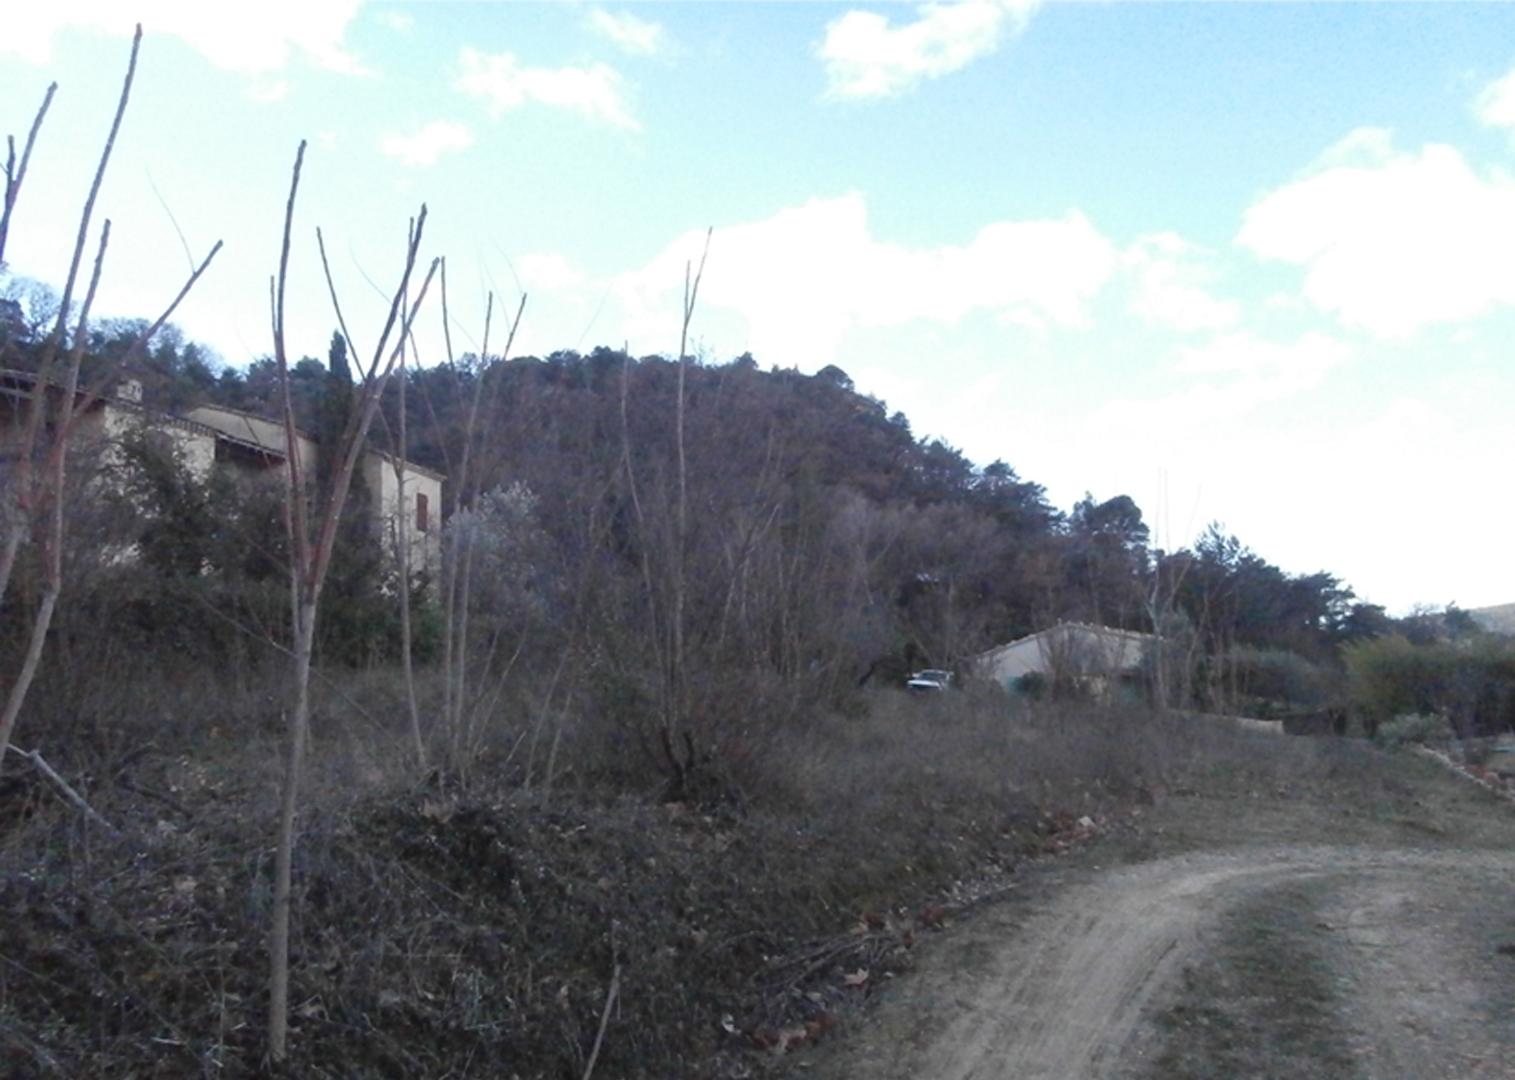 permis de construire Entrechaux